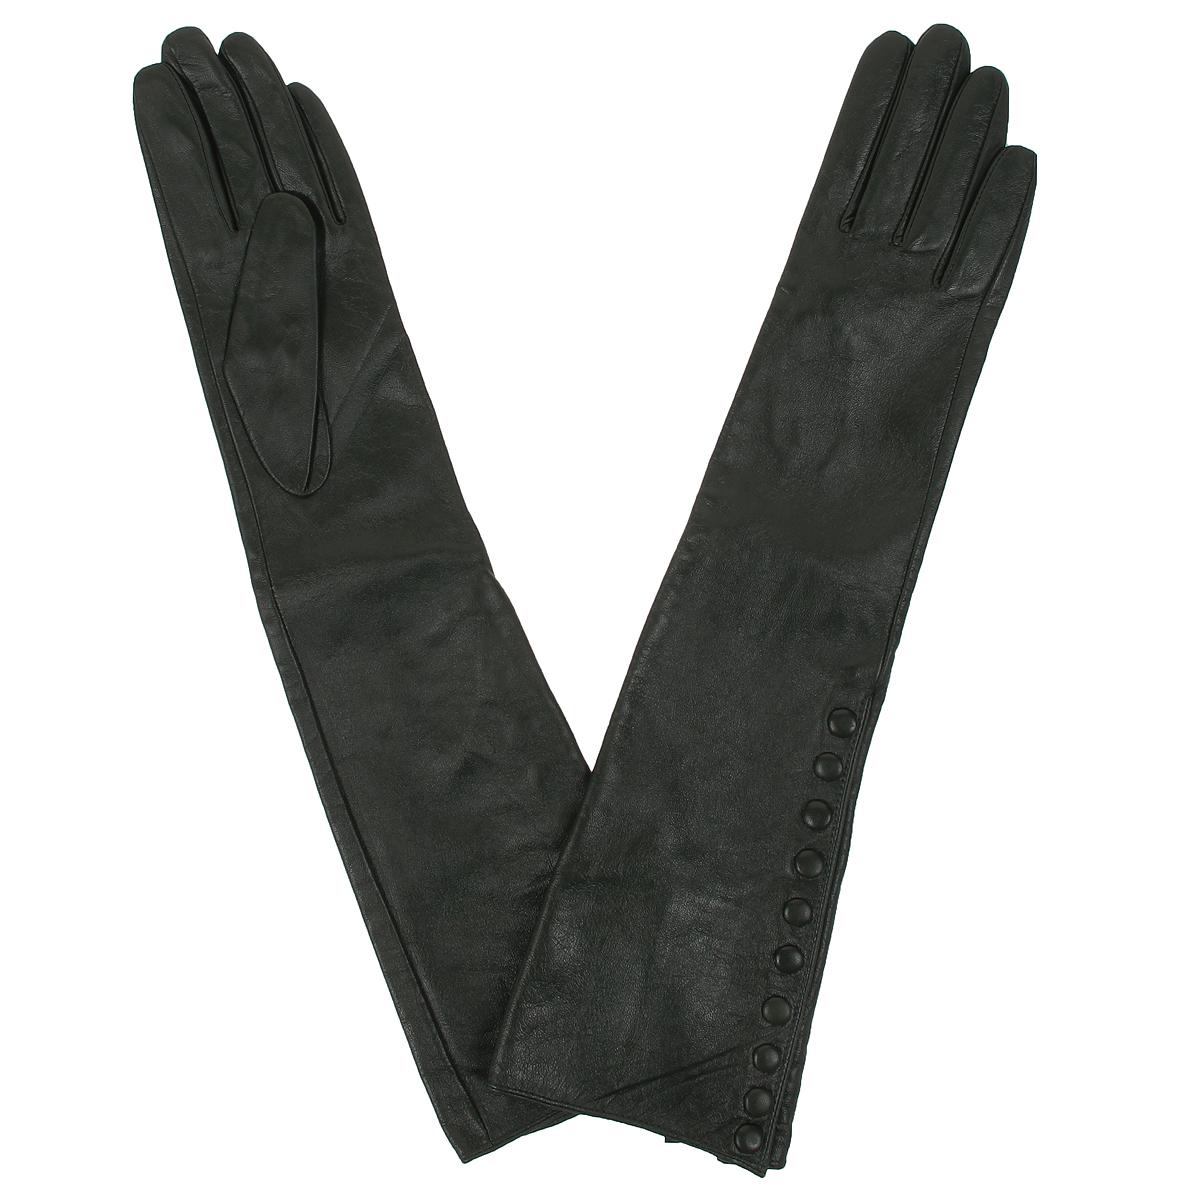 Длинные перчатки29К_40066_10_П_2Стильные женские перчатки Piero не только защитят ваши руки от холода, но и станут великолепным украшением. Они выполнены из мягкой натуральной кожи с подкладкой из нейлона. Перчатки длиной до локтя с внешней стороны застегиваются на застежки-кнопки. Перчатки являются неотъемлемой принадлежностью одежды, вместе с этим аксессуаром вы обретаете женственность и элегантность. Они станут завершающим и подчеркивающим элементом вашего неповторимого стиля и индивидуальности.